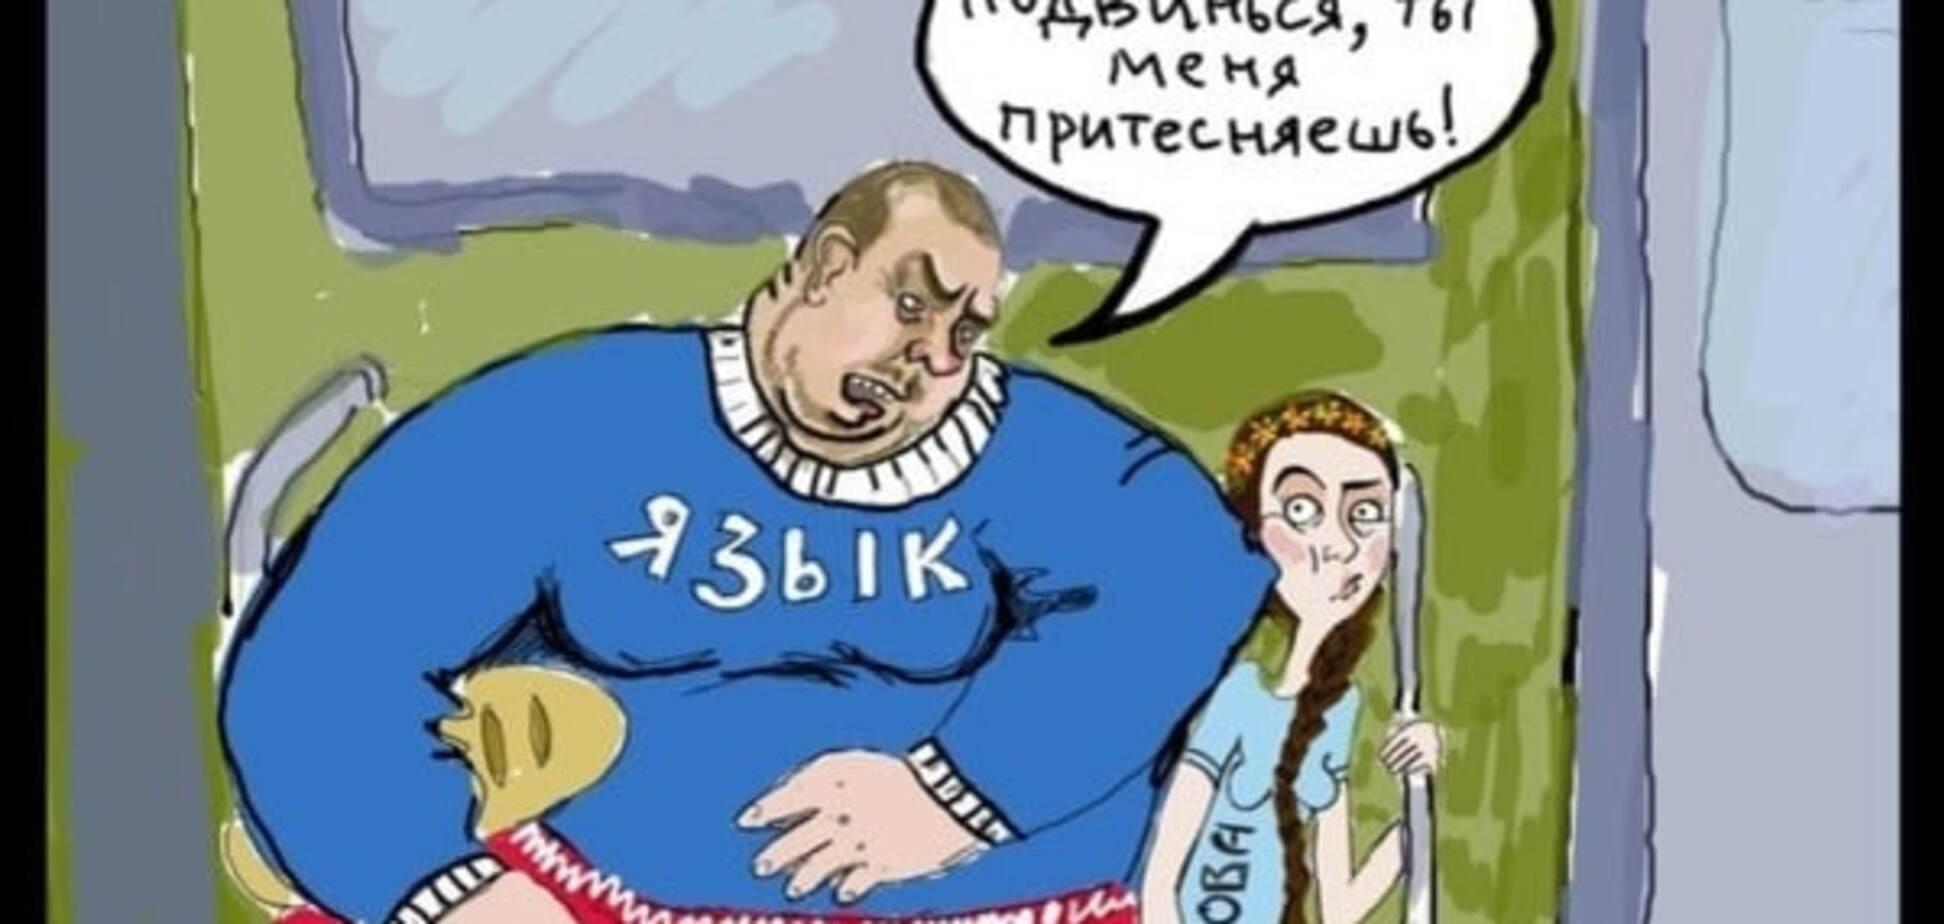 Шевчук: український урядовець, що вживає російську мову - ворог і окупант